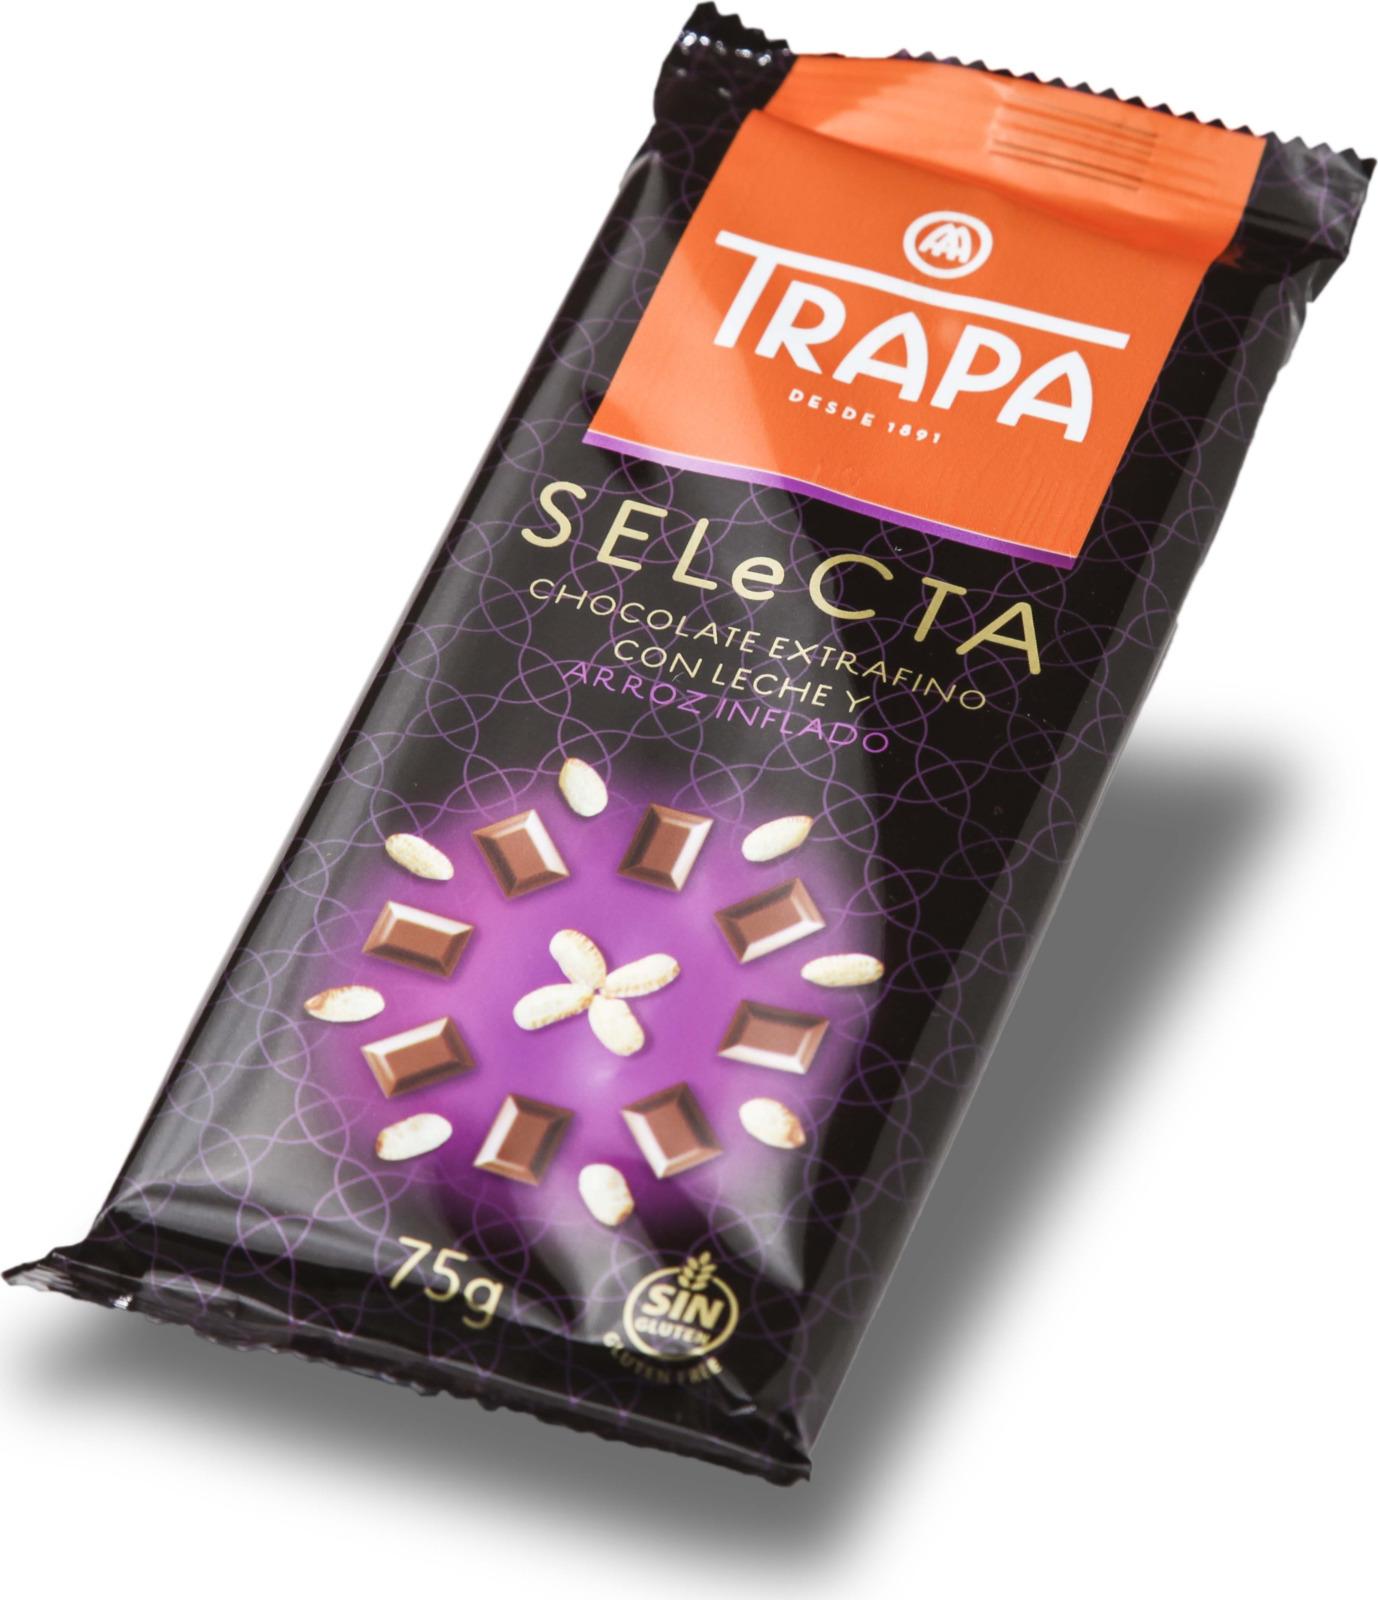 цена Молочный шоколад Trapa Selecta Bar, с воздушным рисом, 75 г онлайн в 2017 году